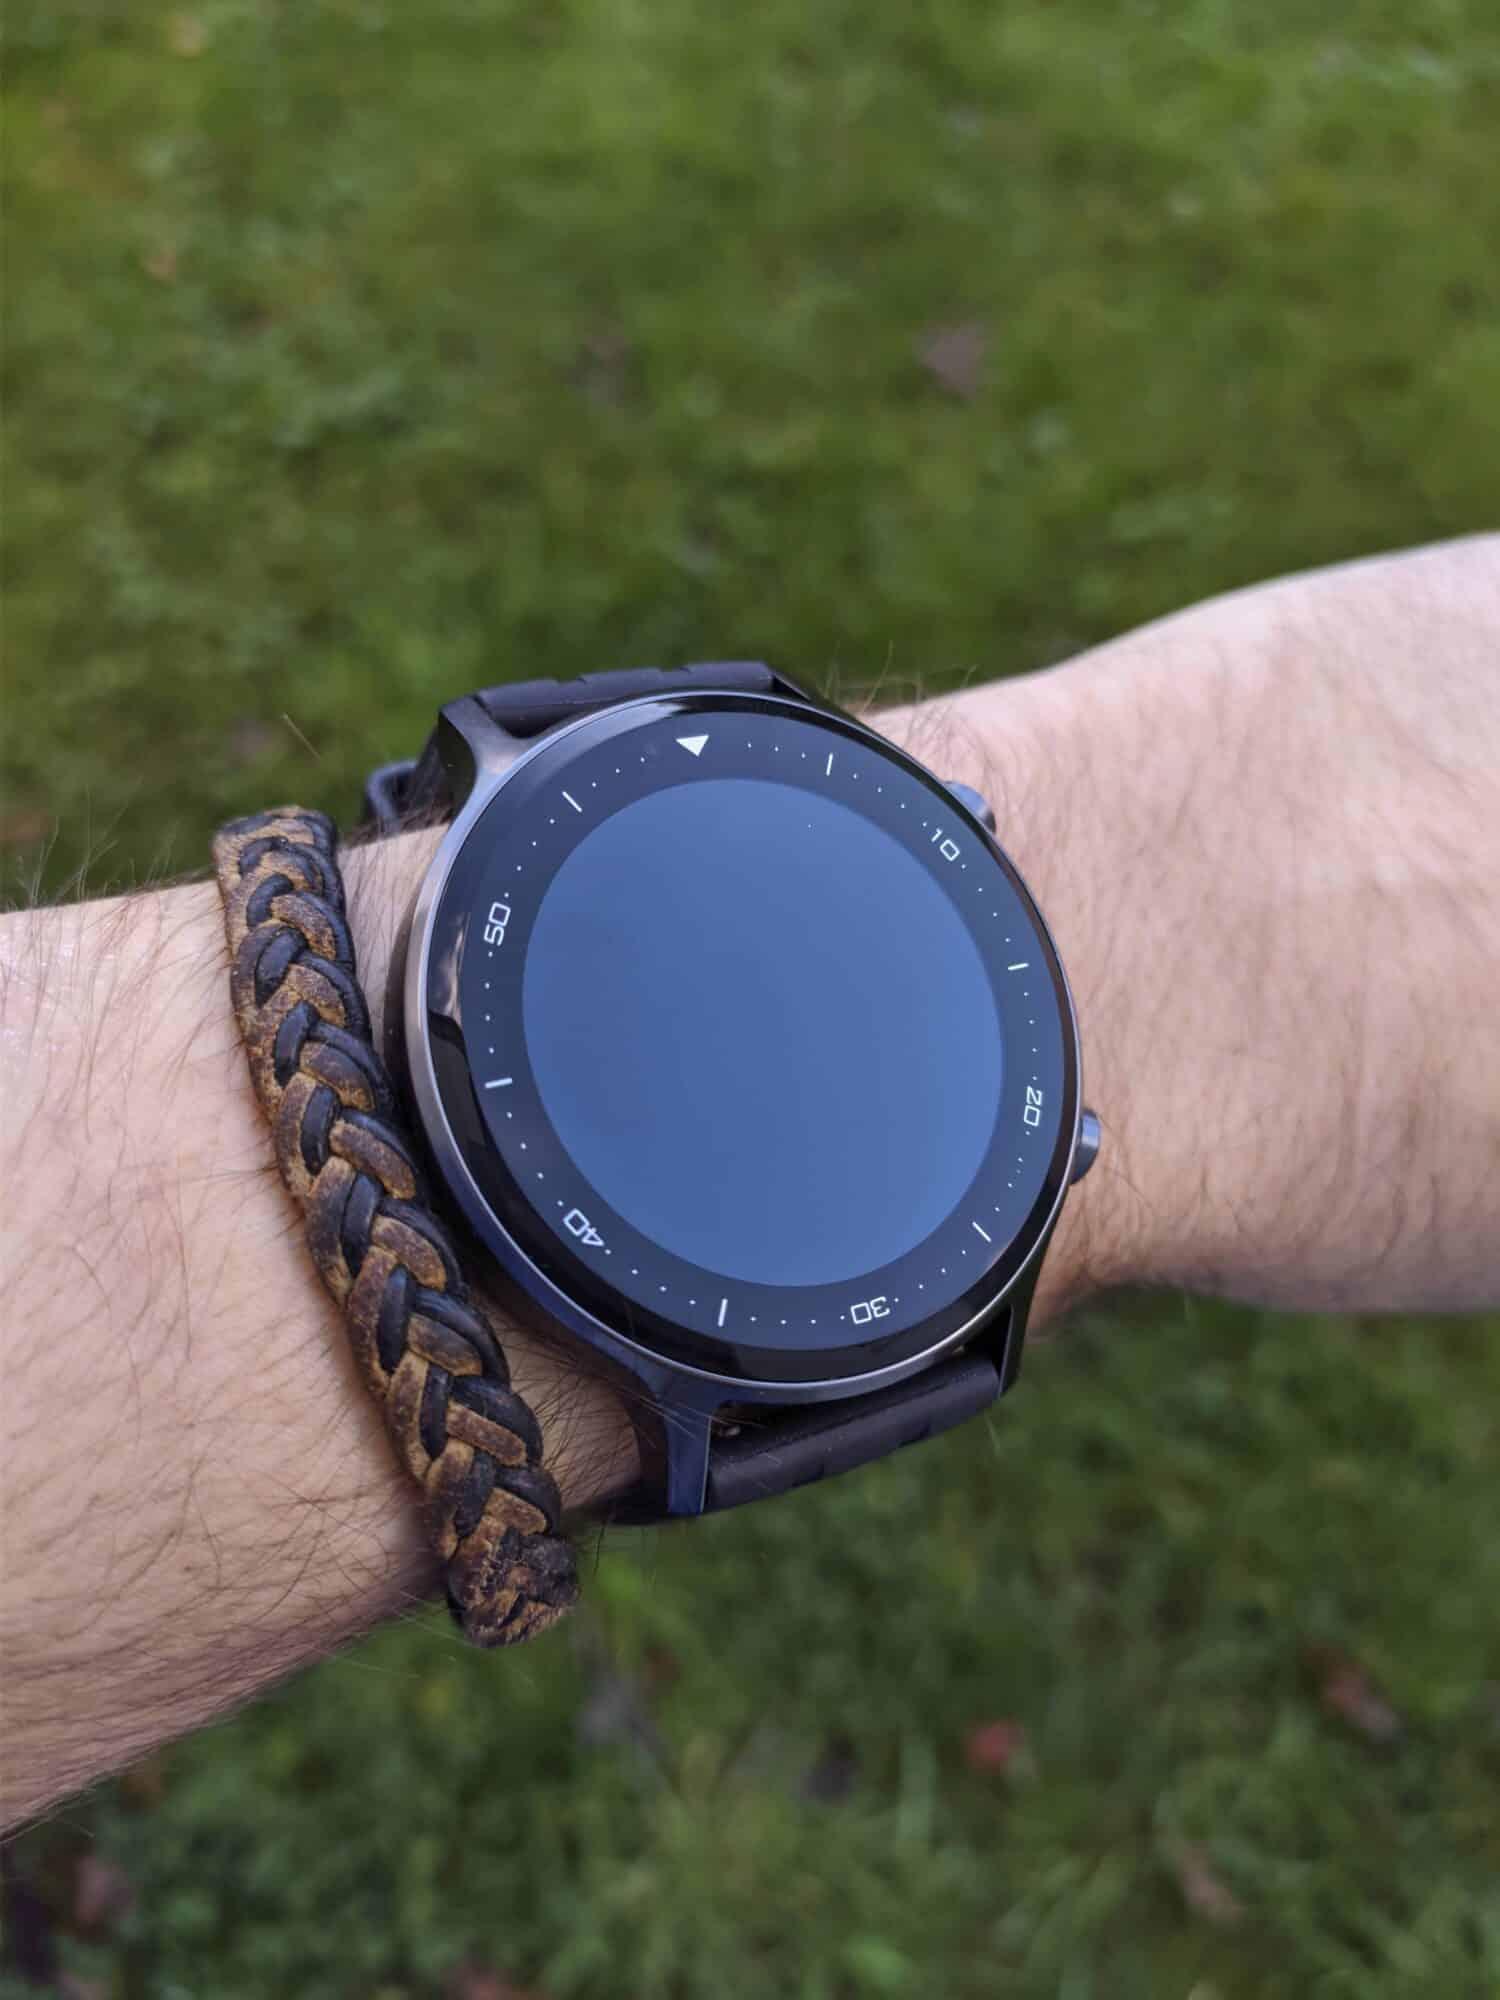 realme Watch S au poignet, écran éteint